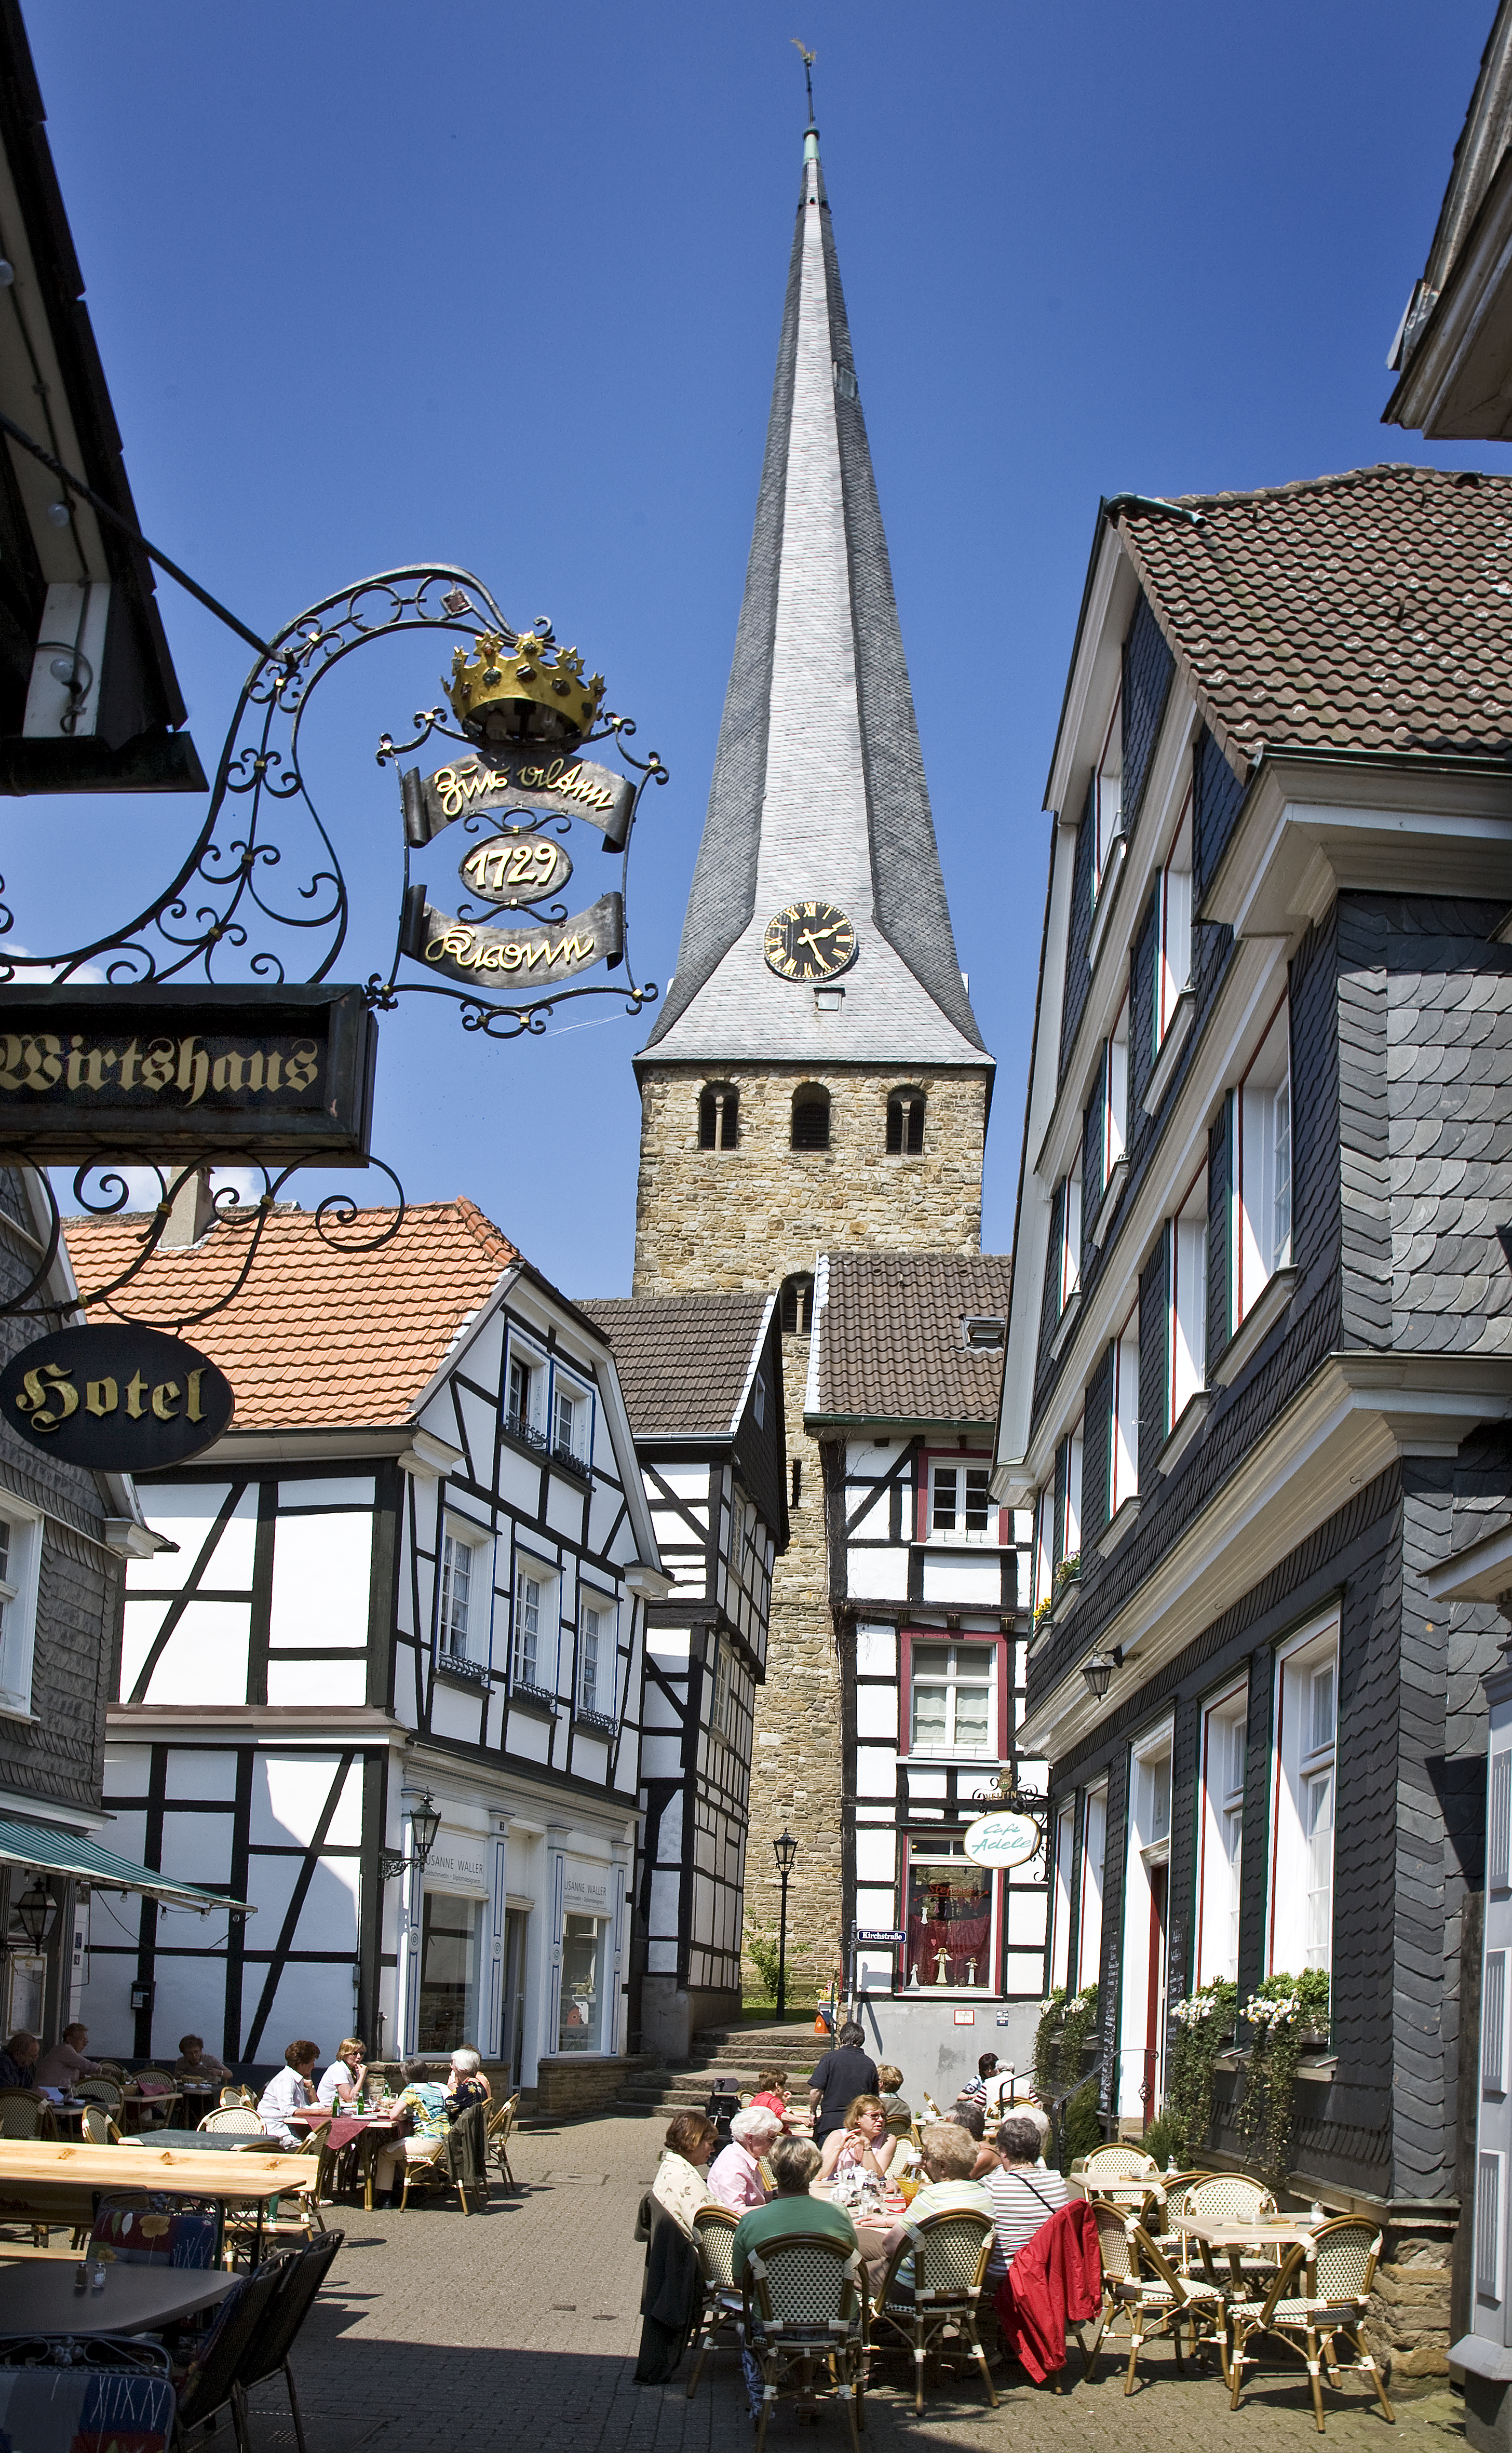 Das Bild zeigt die Altstadt von Hattingen